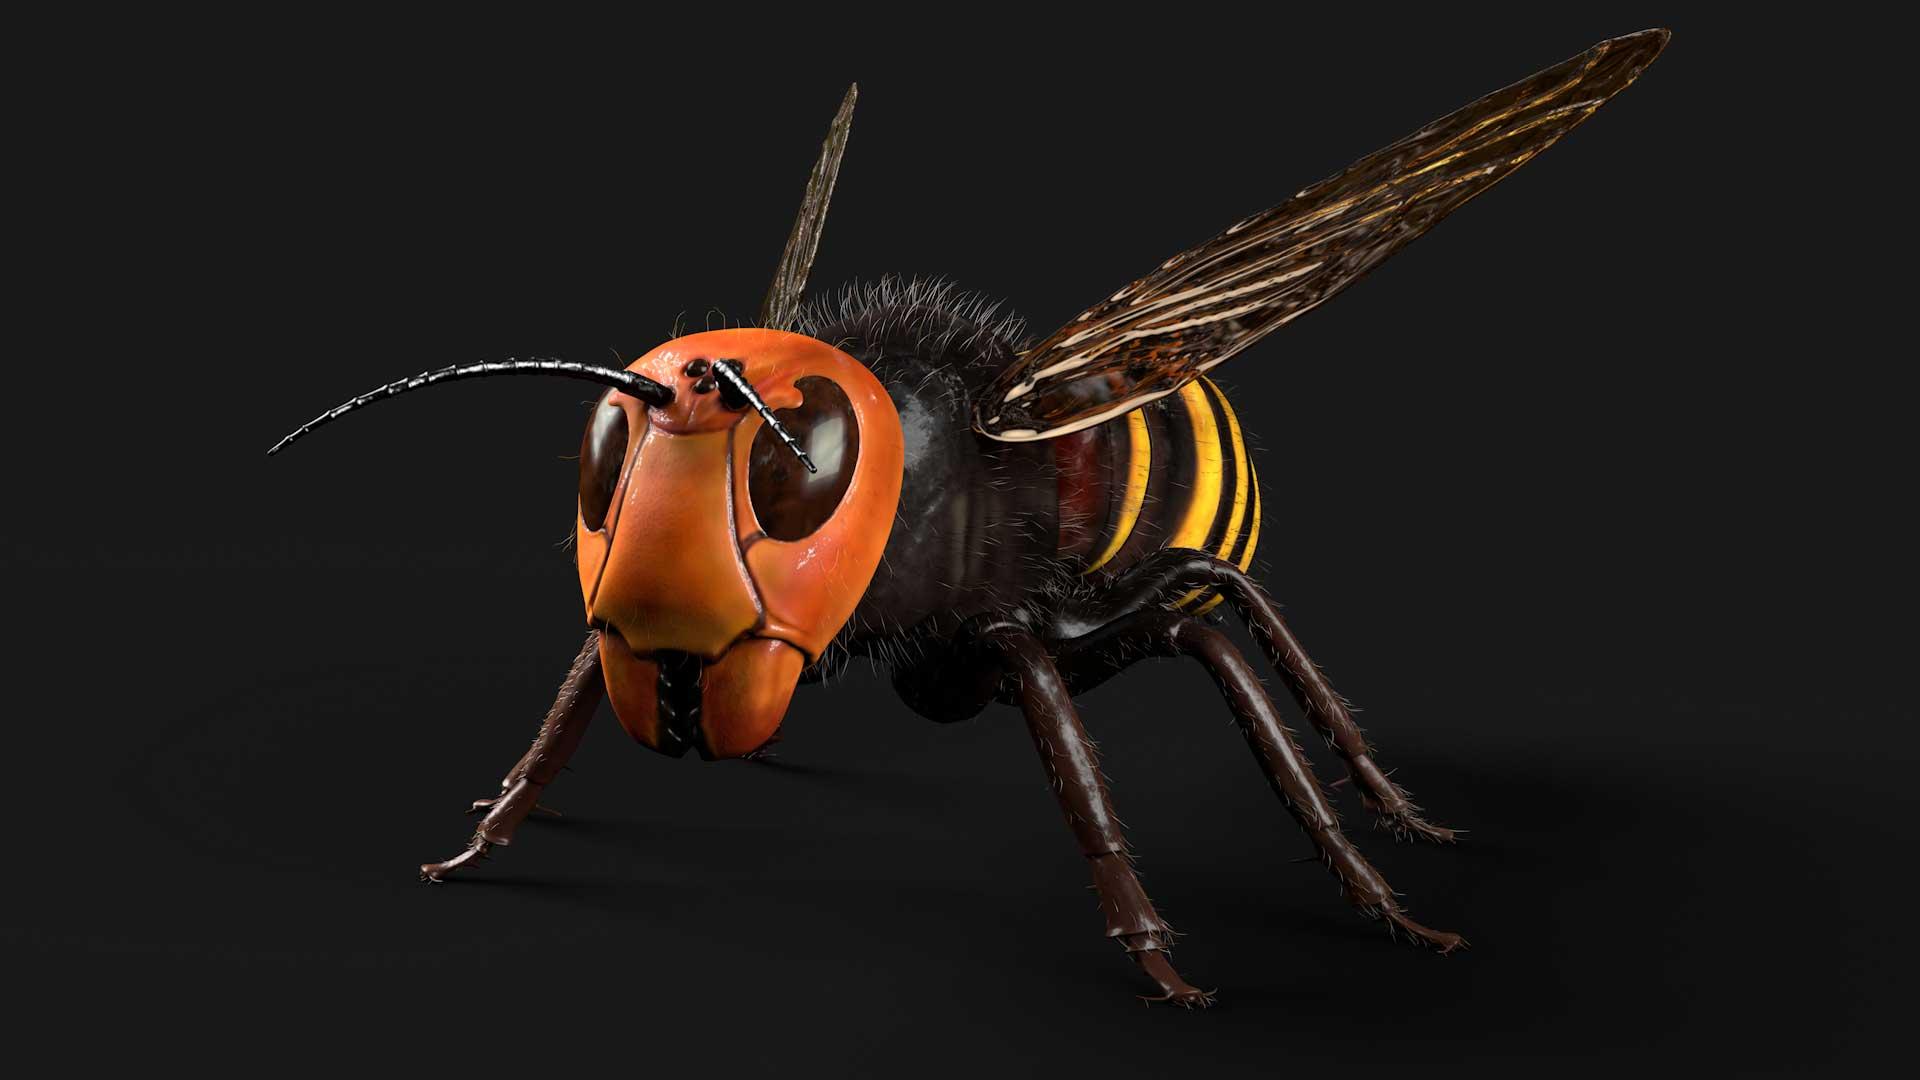 Pixelwish, Asian Hornet, 3D visual, front view, Aziatische reuzehoornaar, design, scary, bee